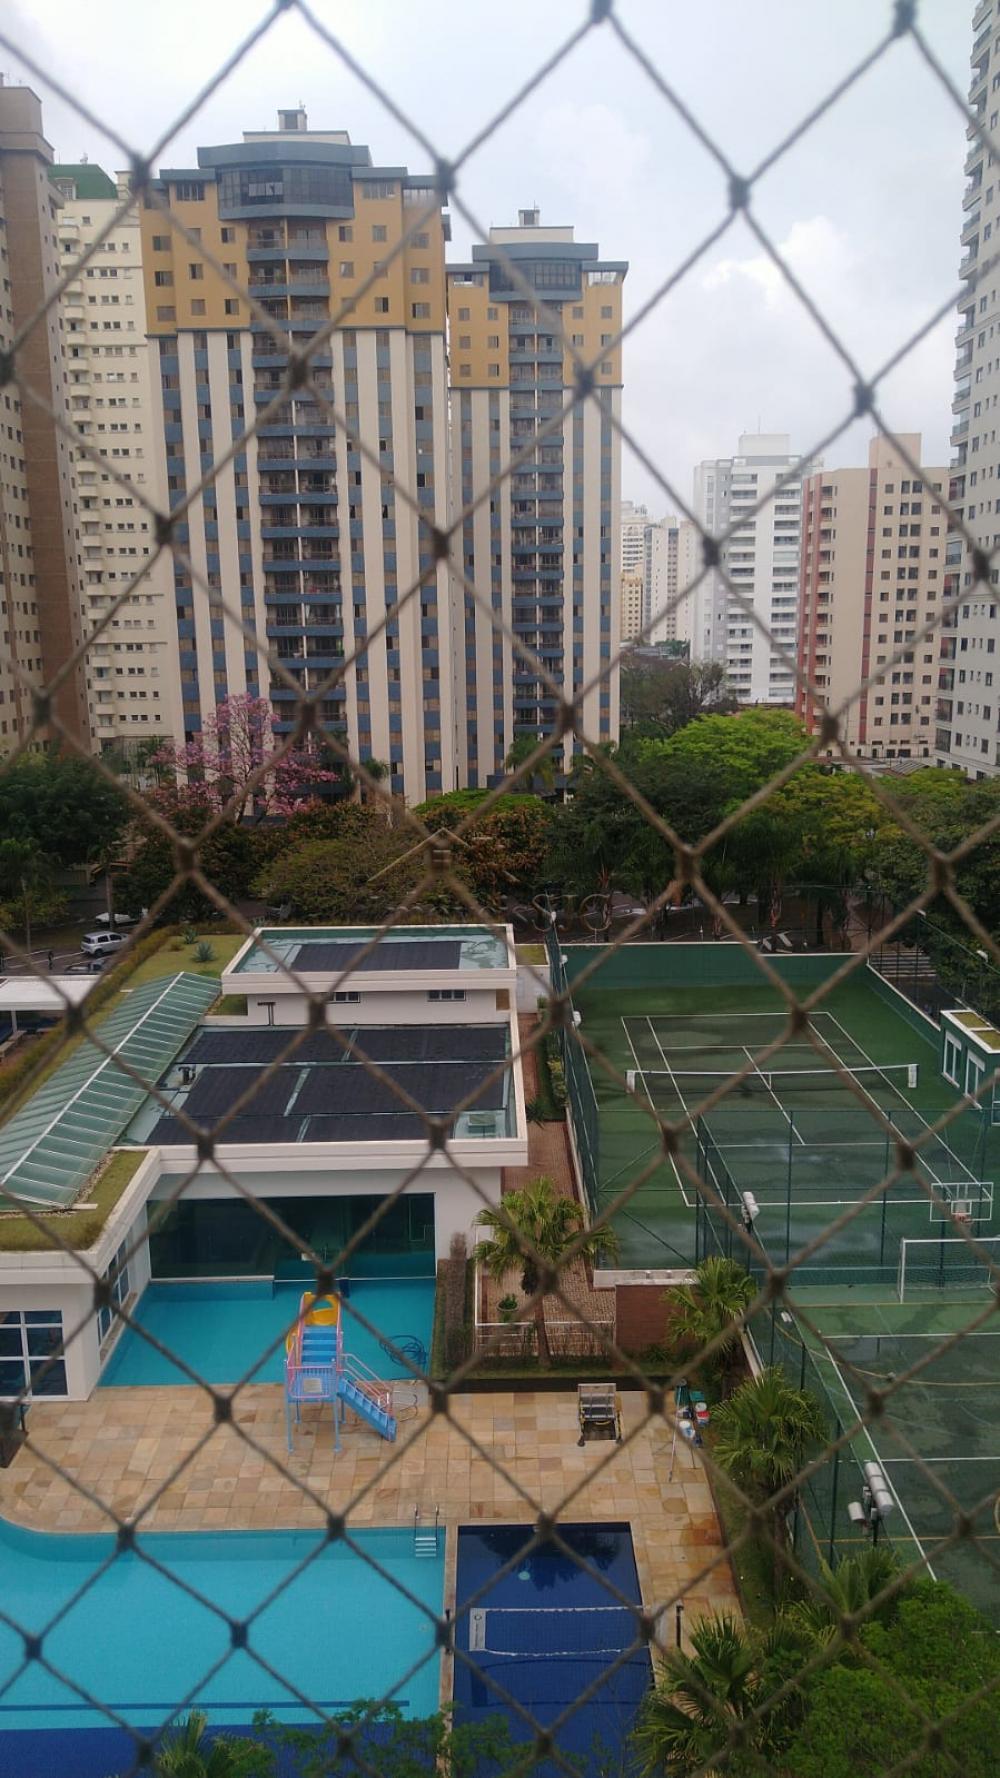 Alugar Apartamentos / Padrão em São José dos Campos R$ 2.000,00 - Foto 1